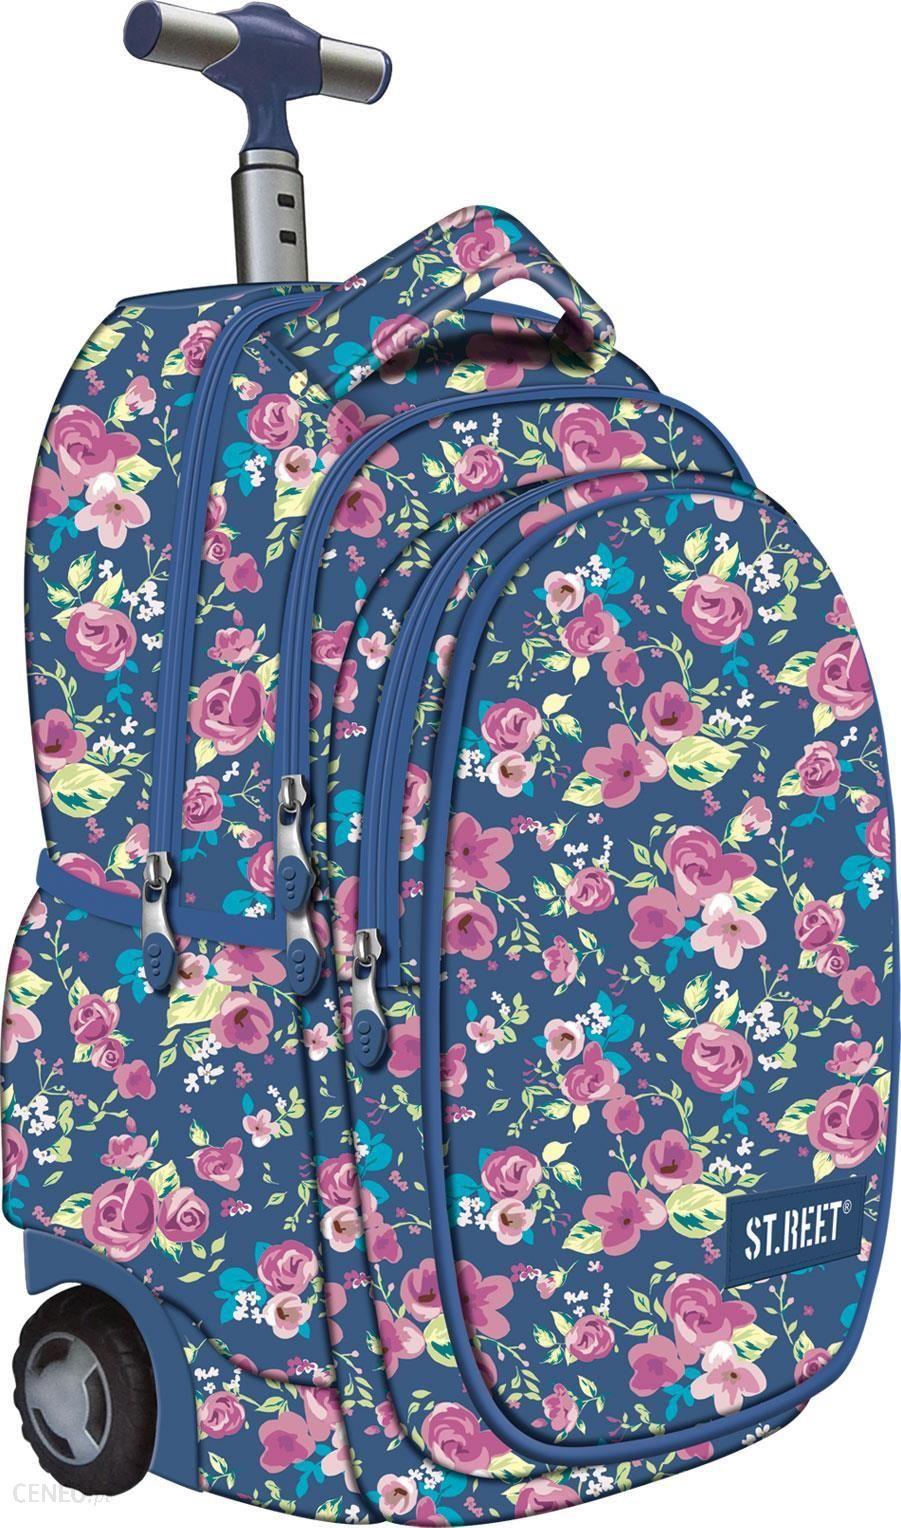 4ce64e354aaa5 St.Majewski ST.Reet Plecak na kółkach Flowers2 F3 - Ceny i opinie ...